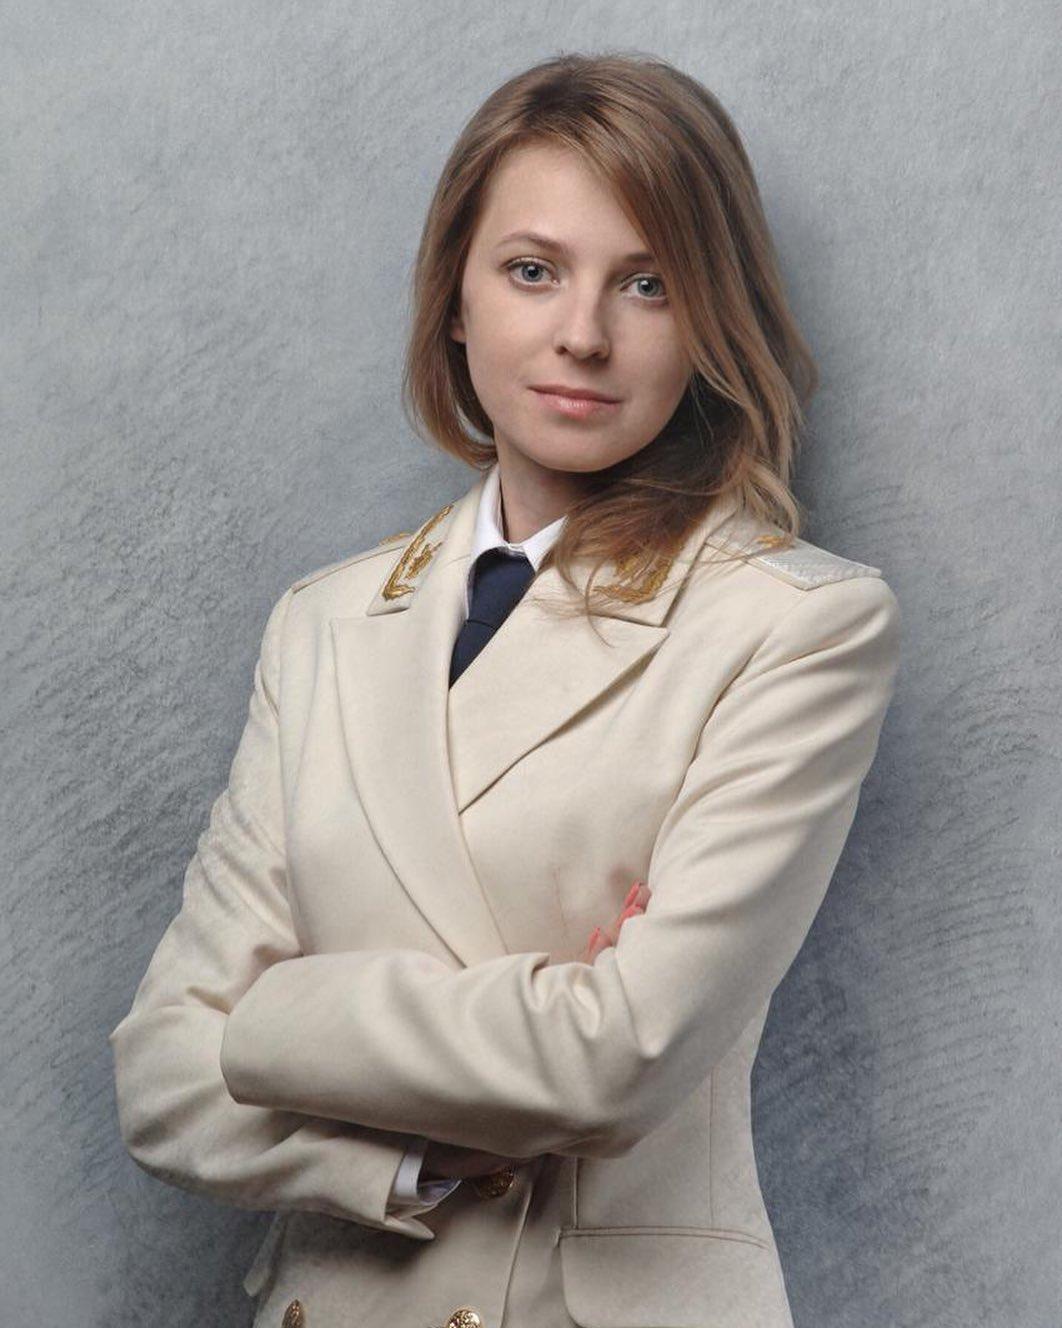 Natalia-Poklonskaya-8